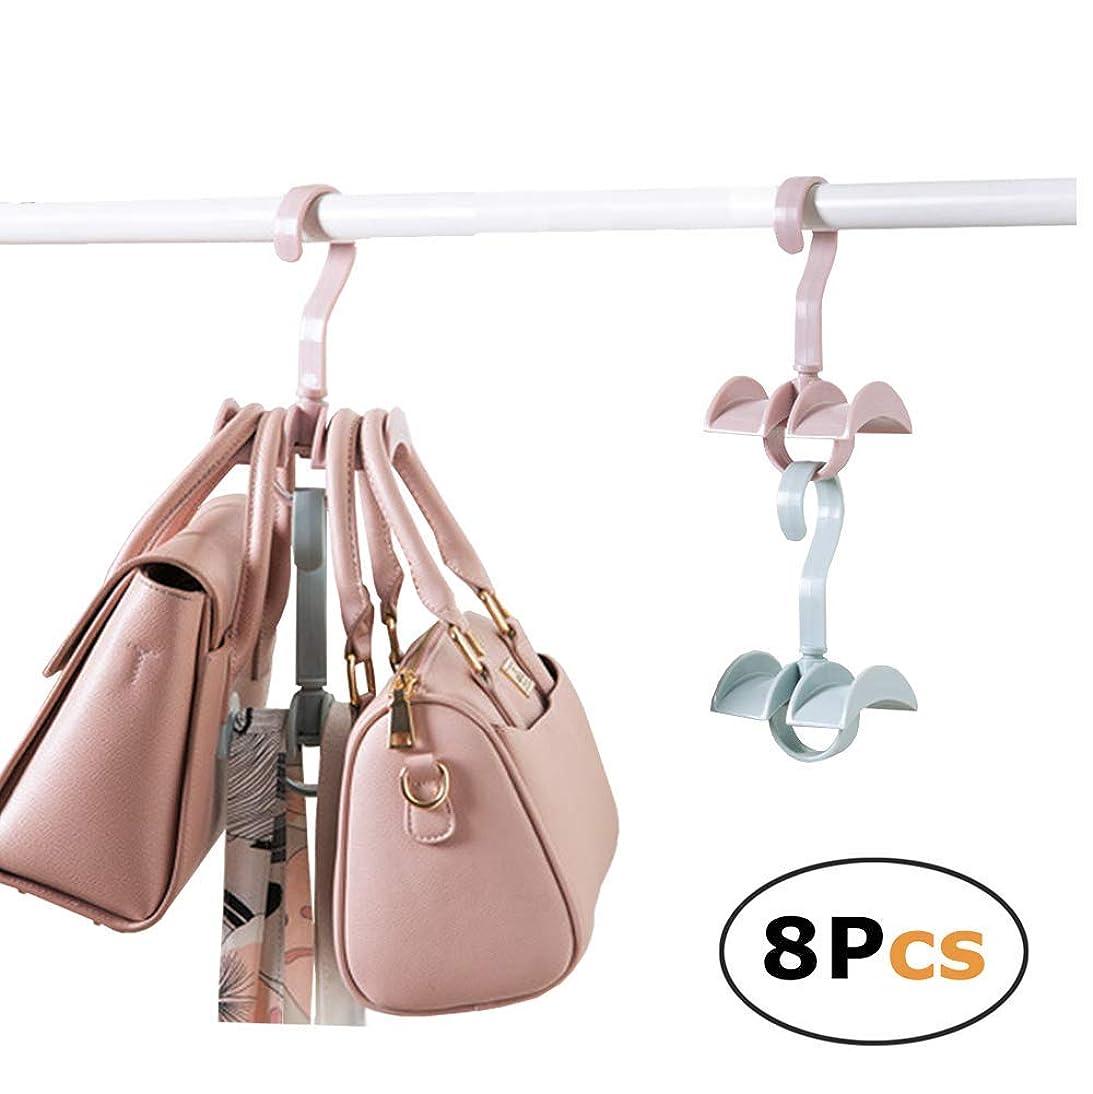 伝導変更制限ネクタイ ハンガー ハンドバッグ用ハンガー ネクタイ収納 ハンガー かばん かばんかけ ベルトハンガー 360°回転 8個セット (ランダムな色)